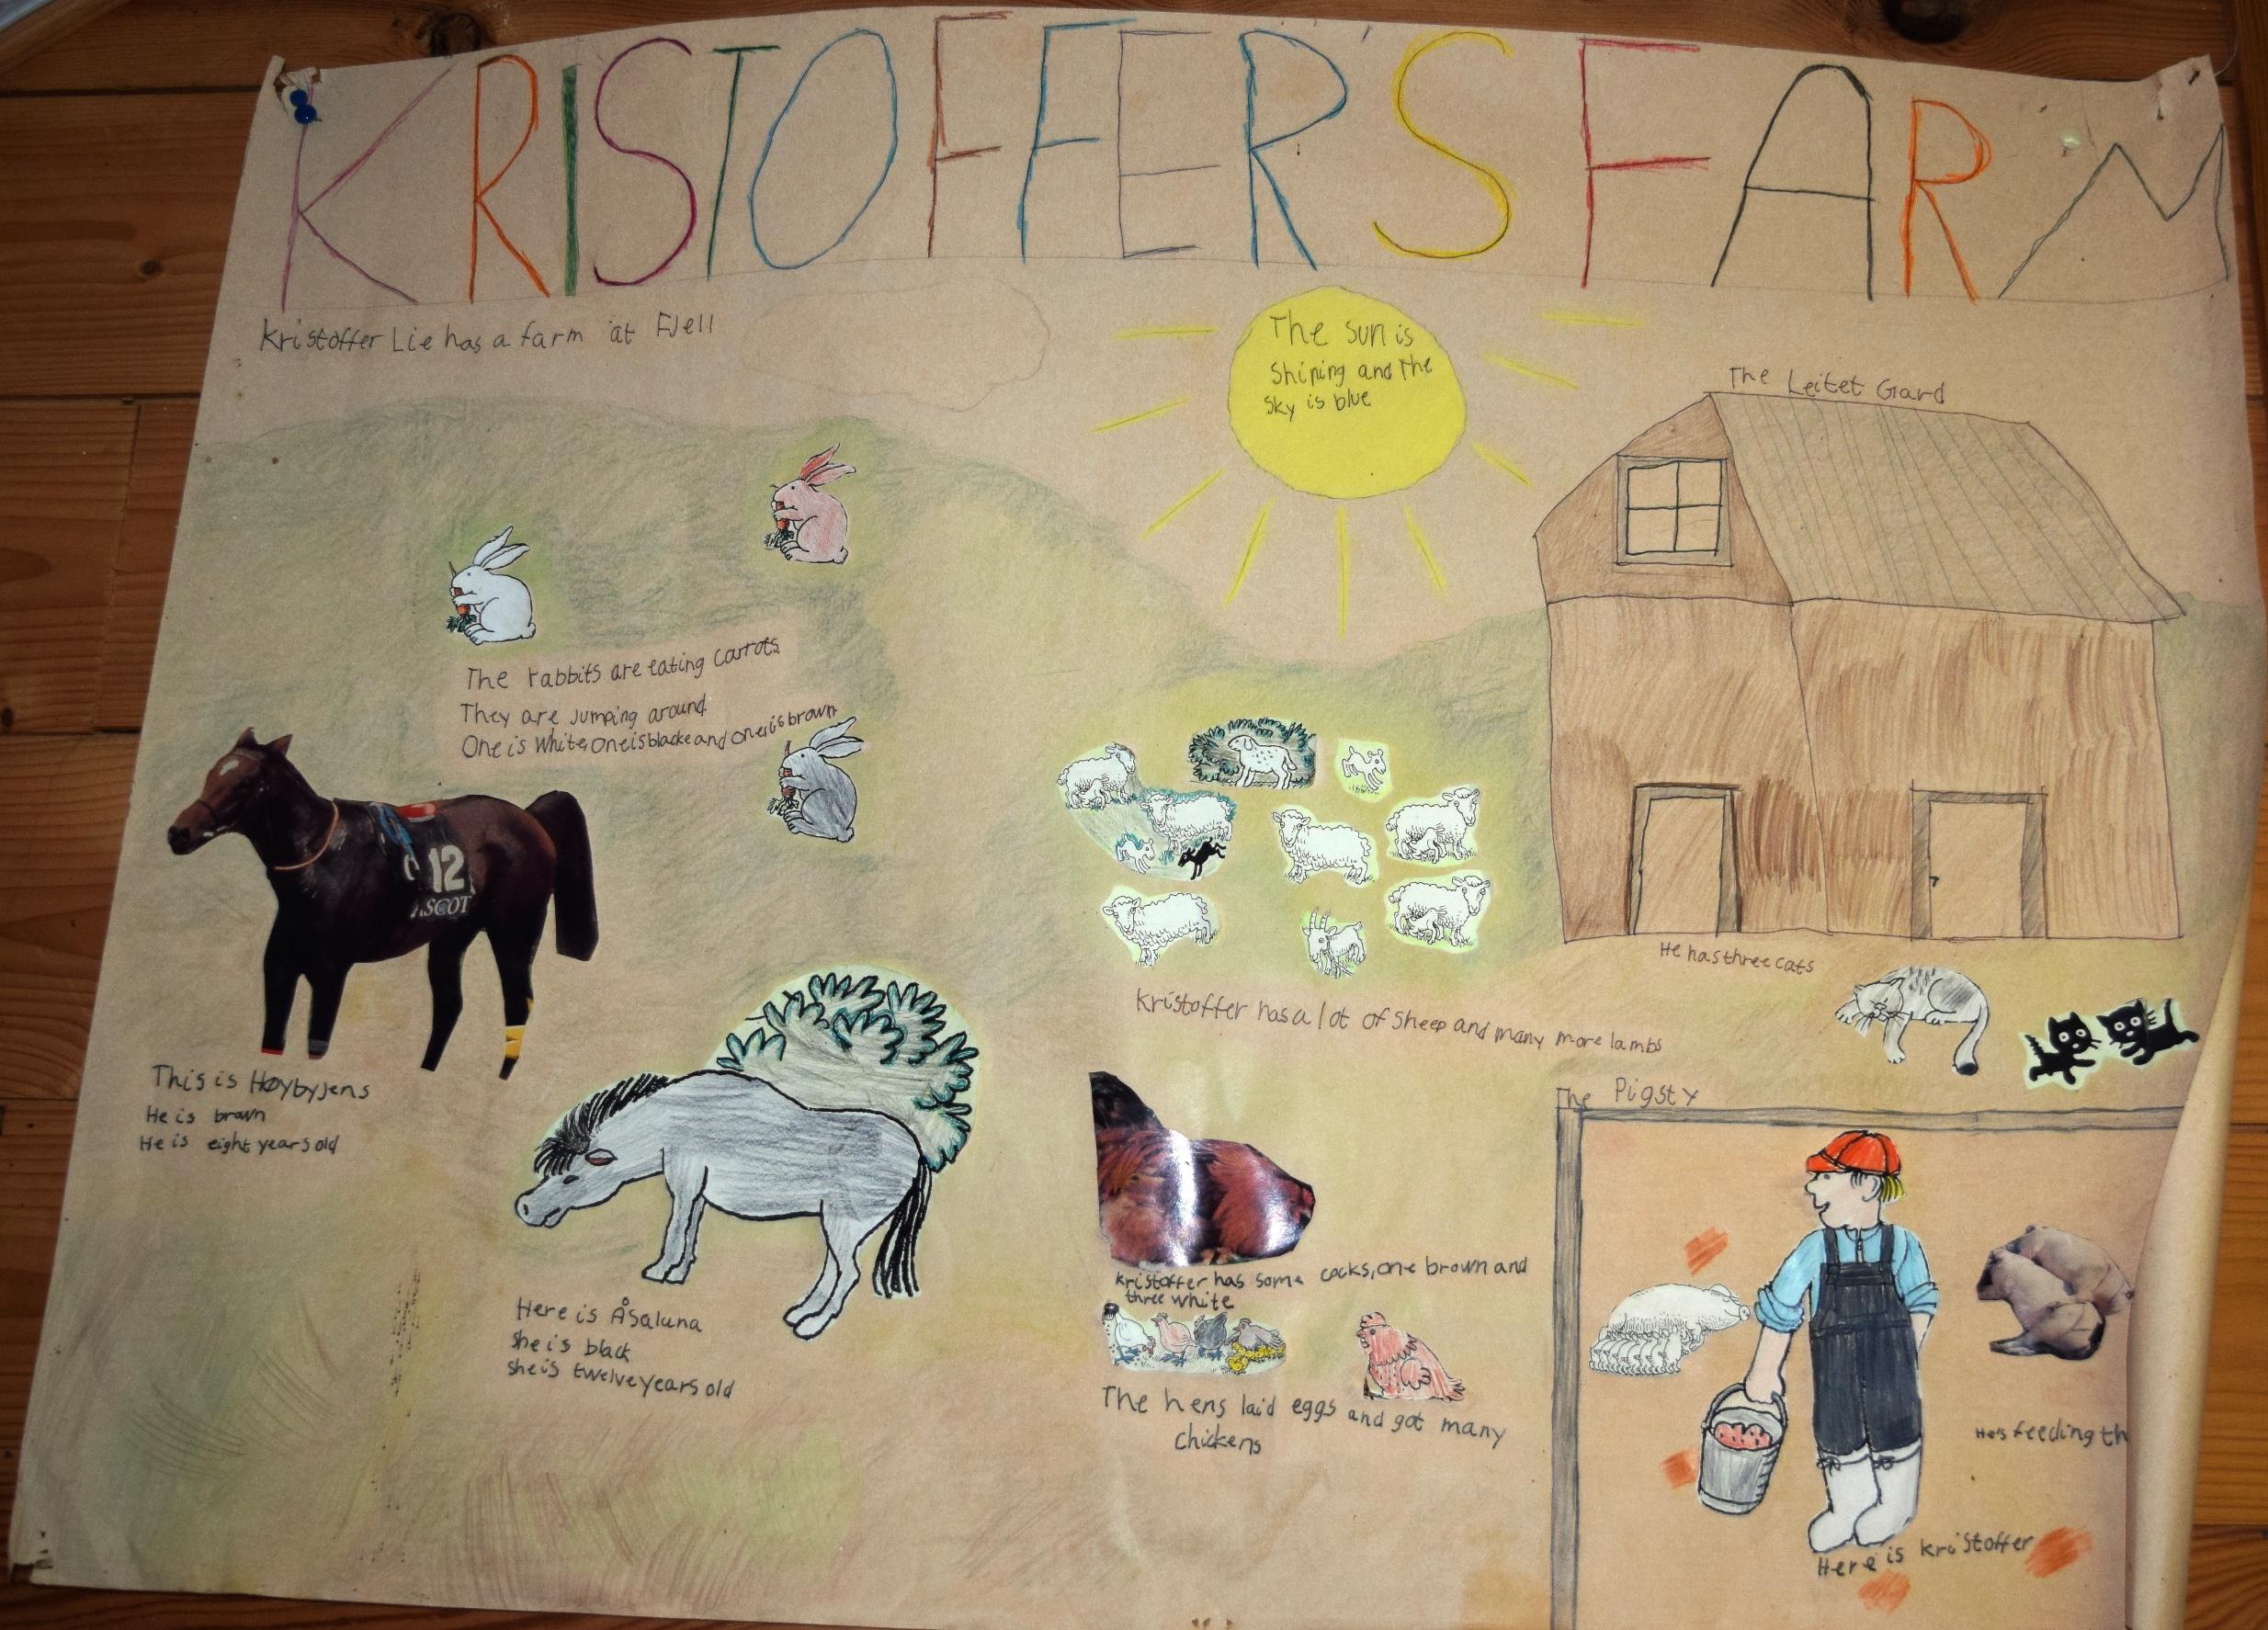 Kristofer farmja a gyerekek szemével.